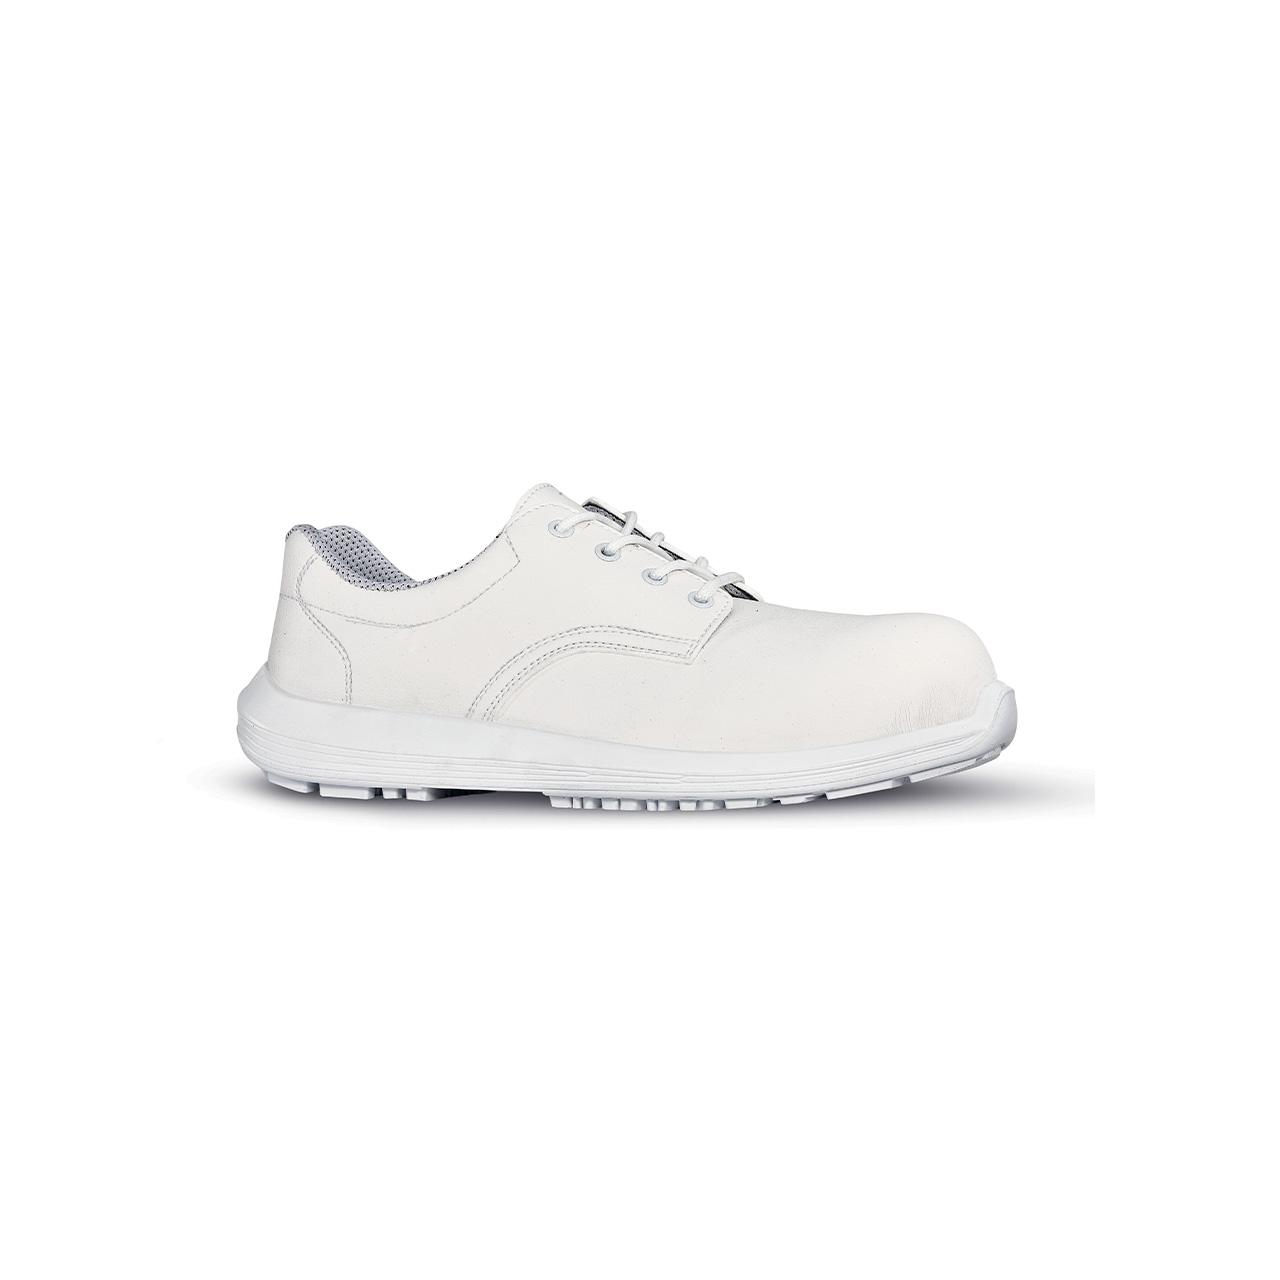 scarpa antinfortunistica upower modello lab grip linea white68&black vista laterale